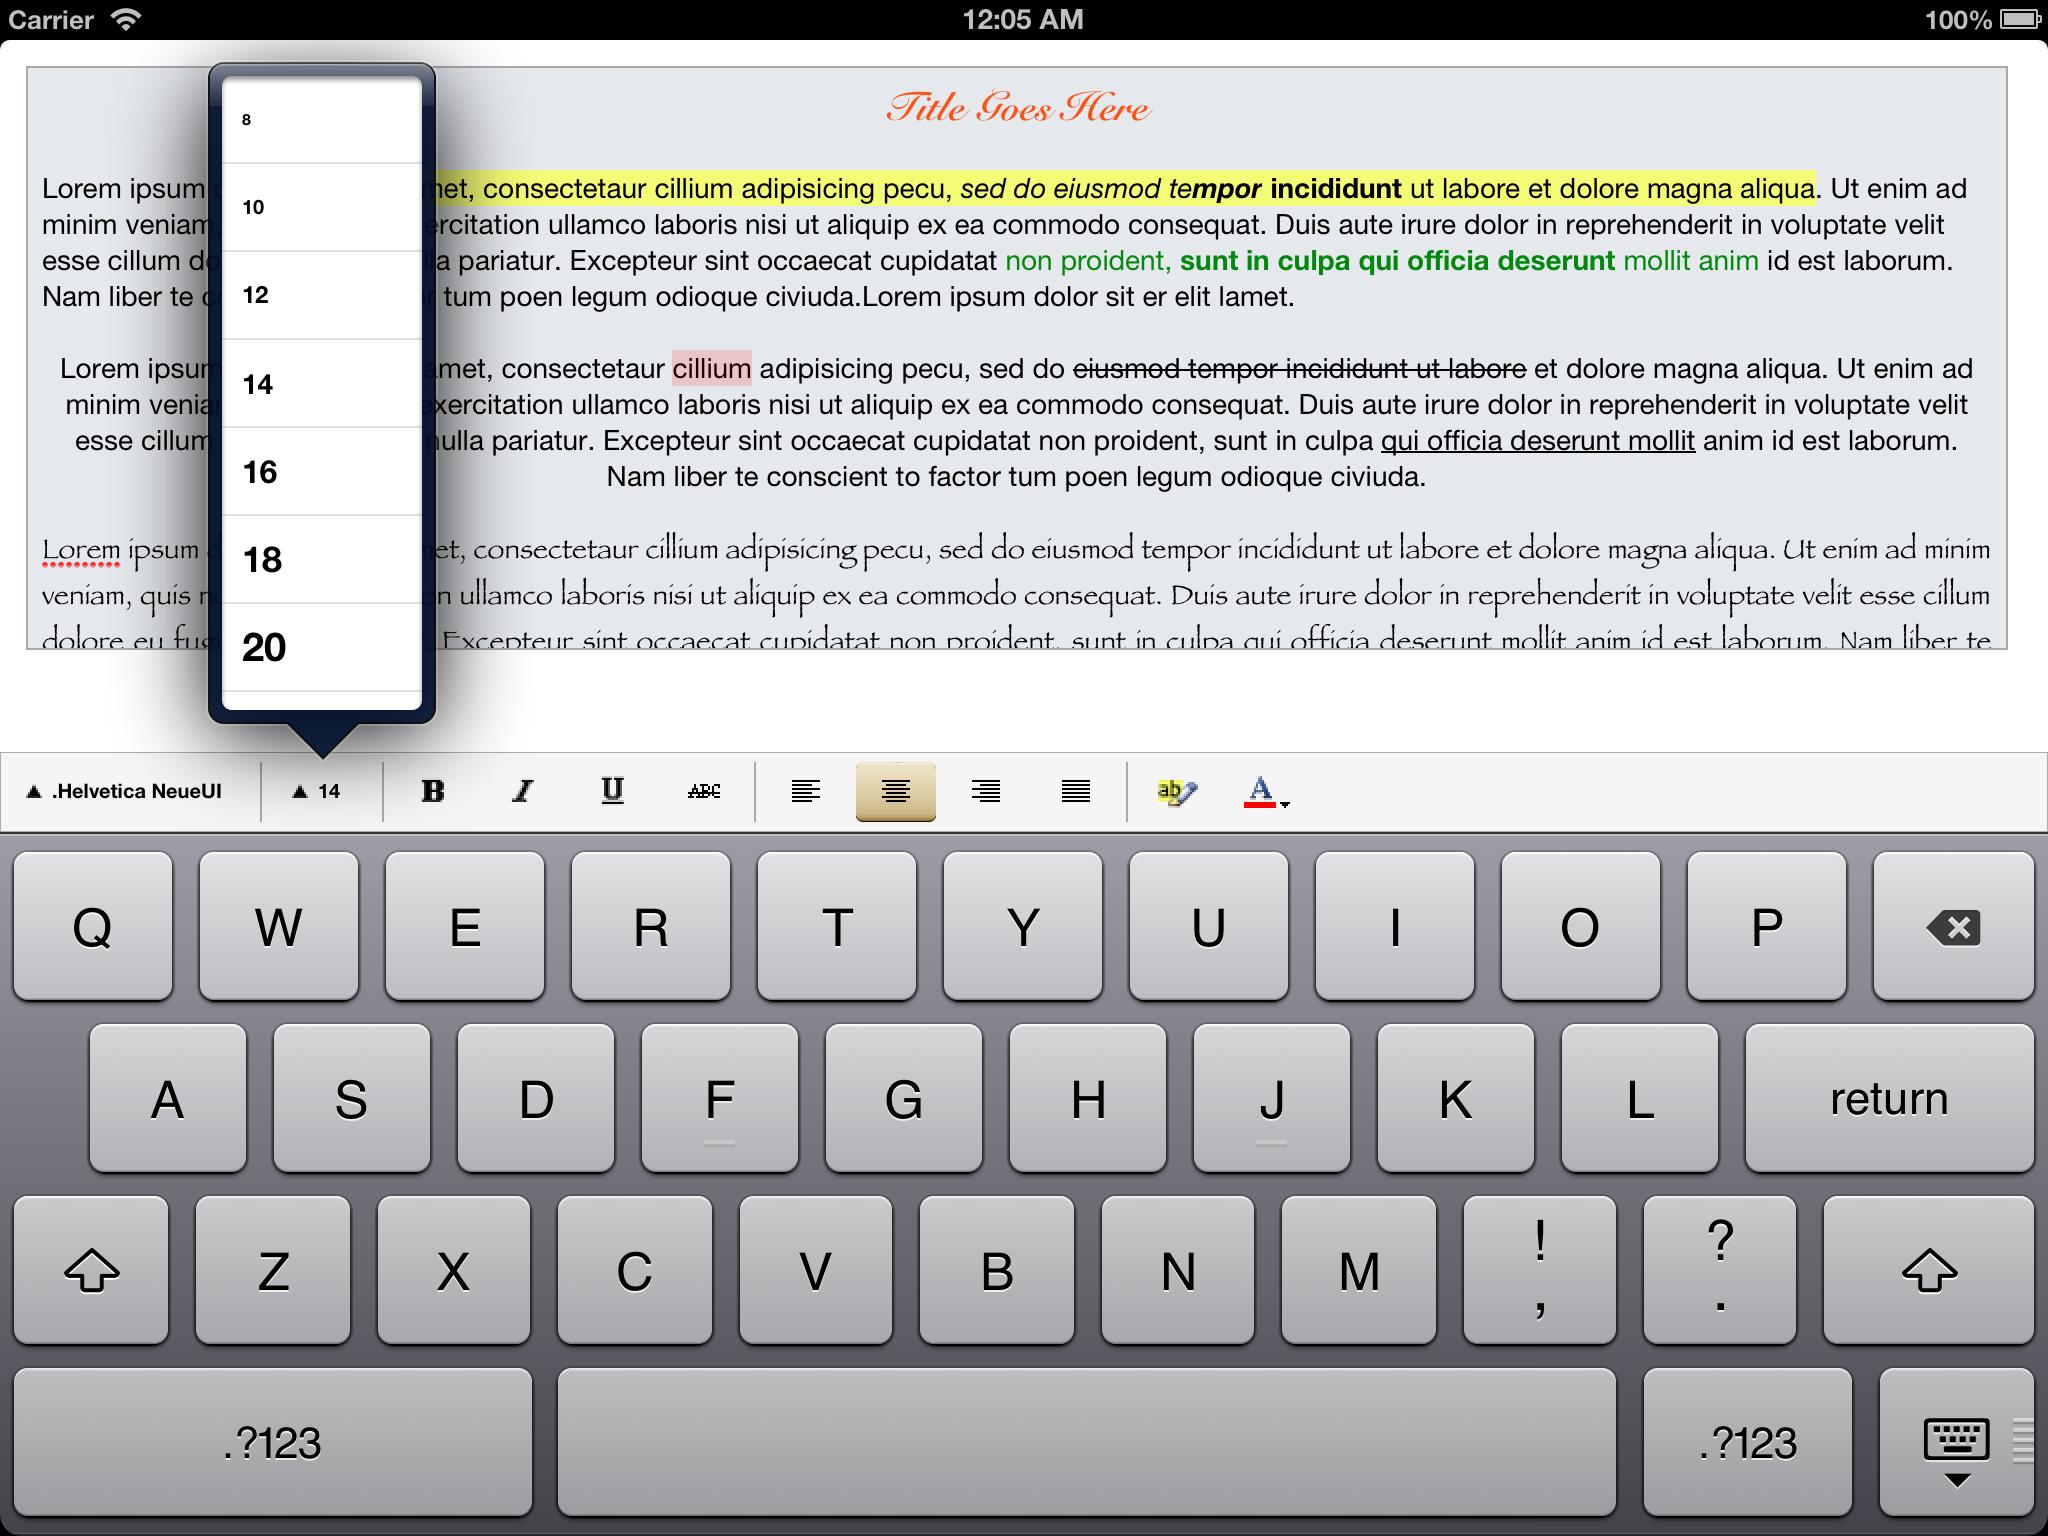 GitHub - aryaxt/iOS-Rich-Text-Editor: A Rich Text Editor for iOS